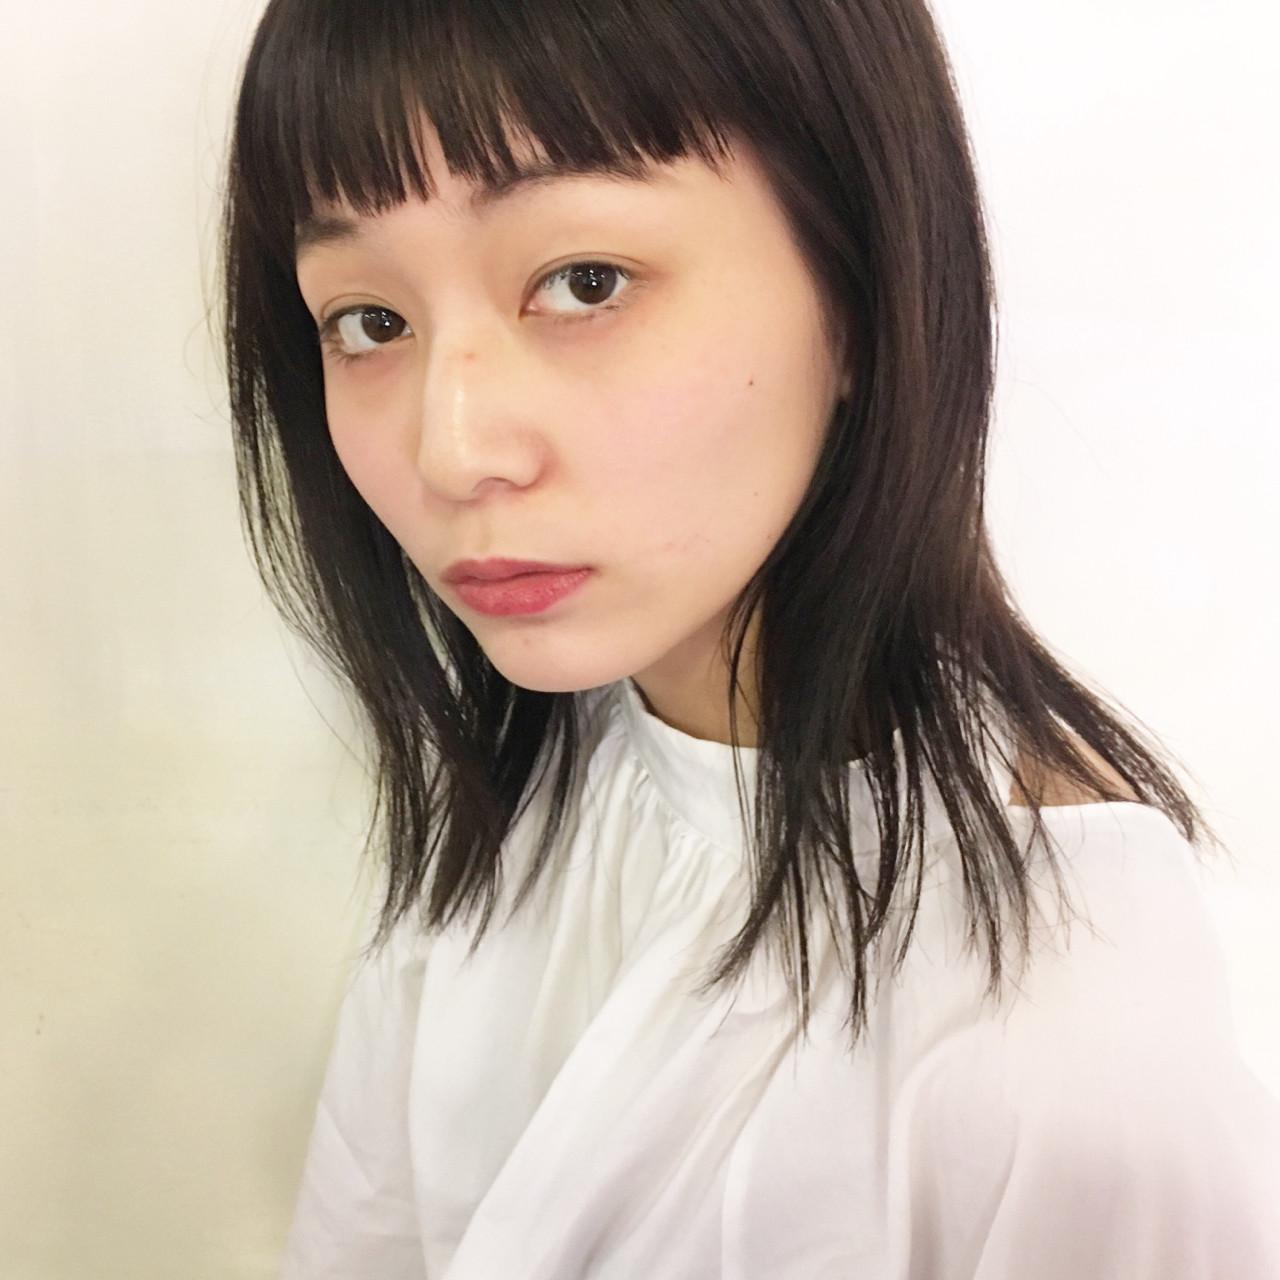 ミディアム ミルクティー 小顔 こなれ感 ヘアスタイルや髪型の写真・画像